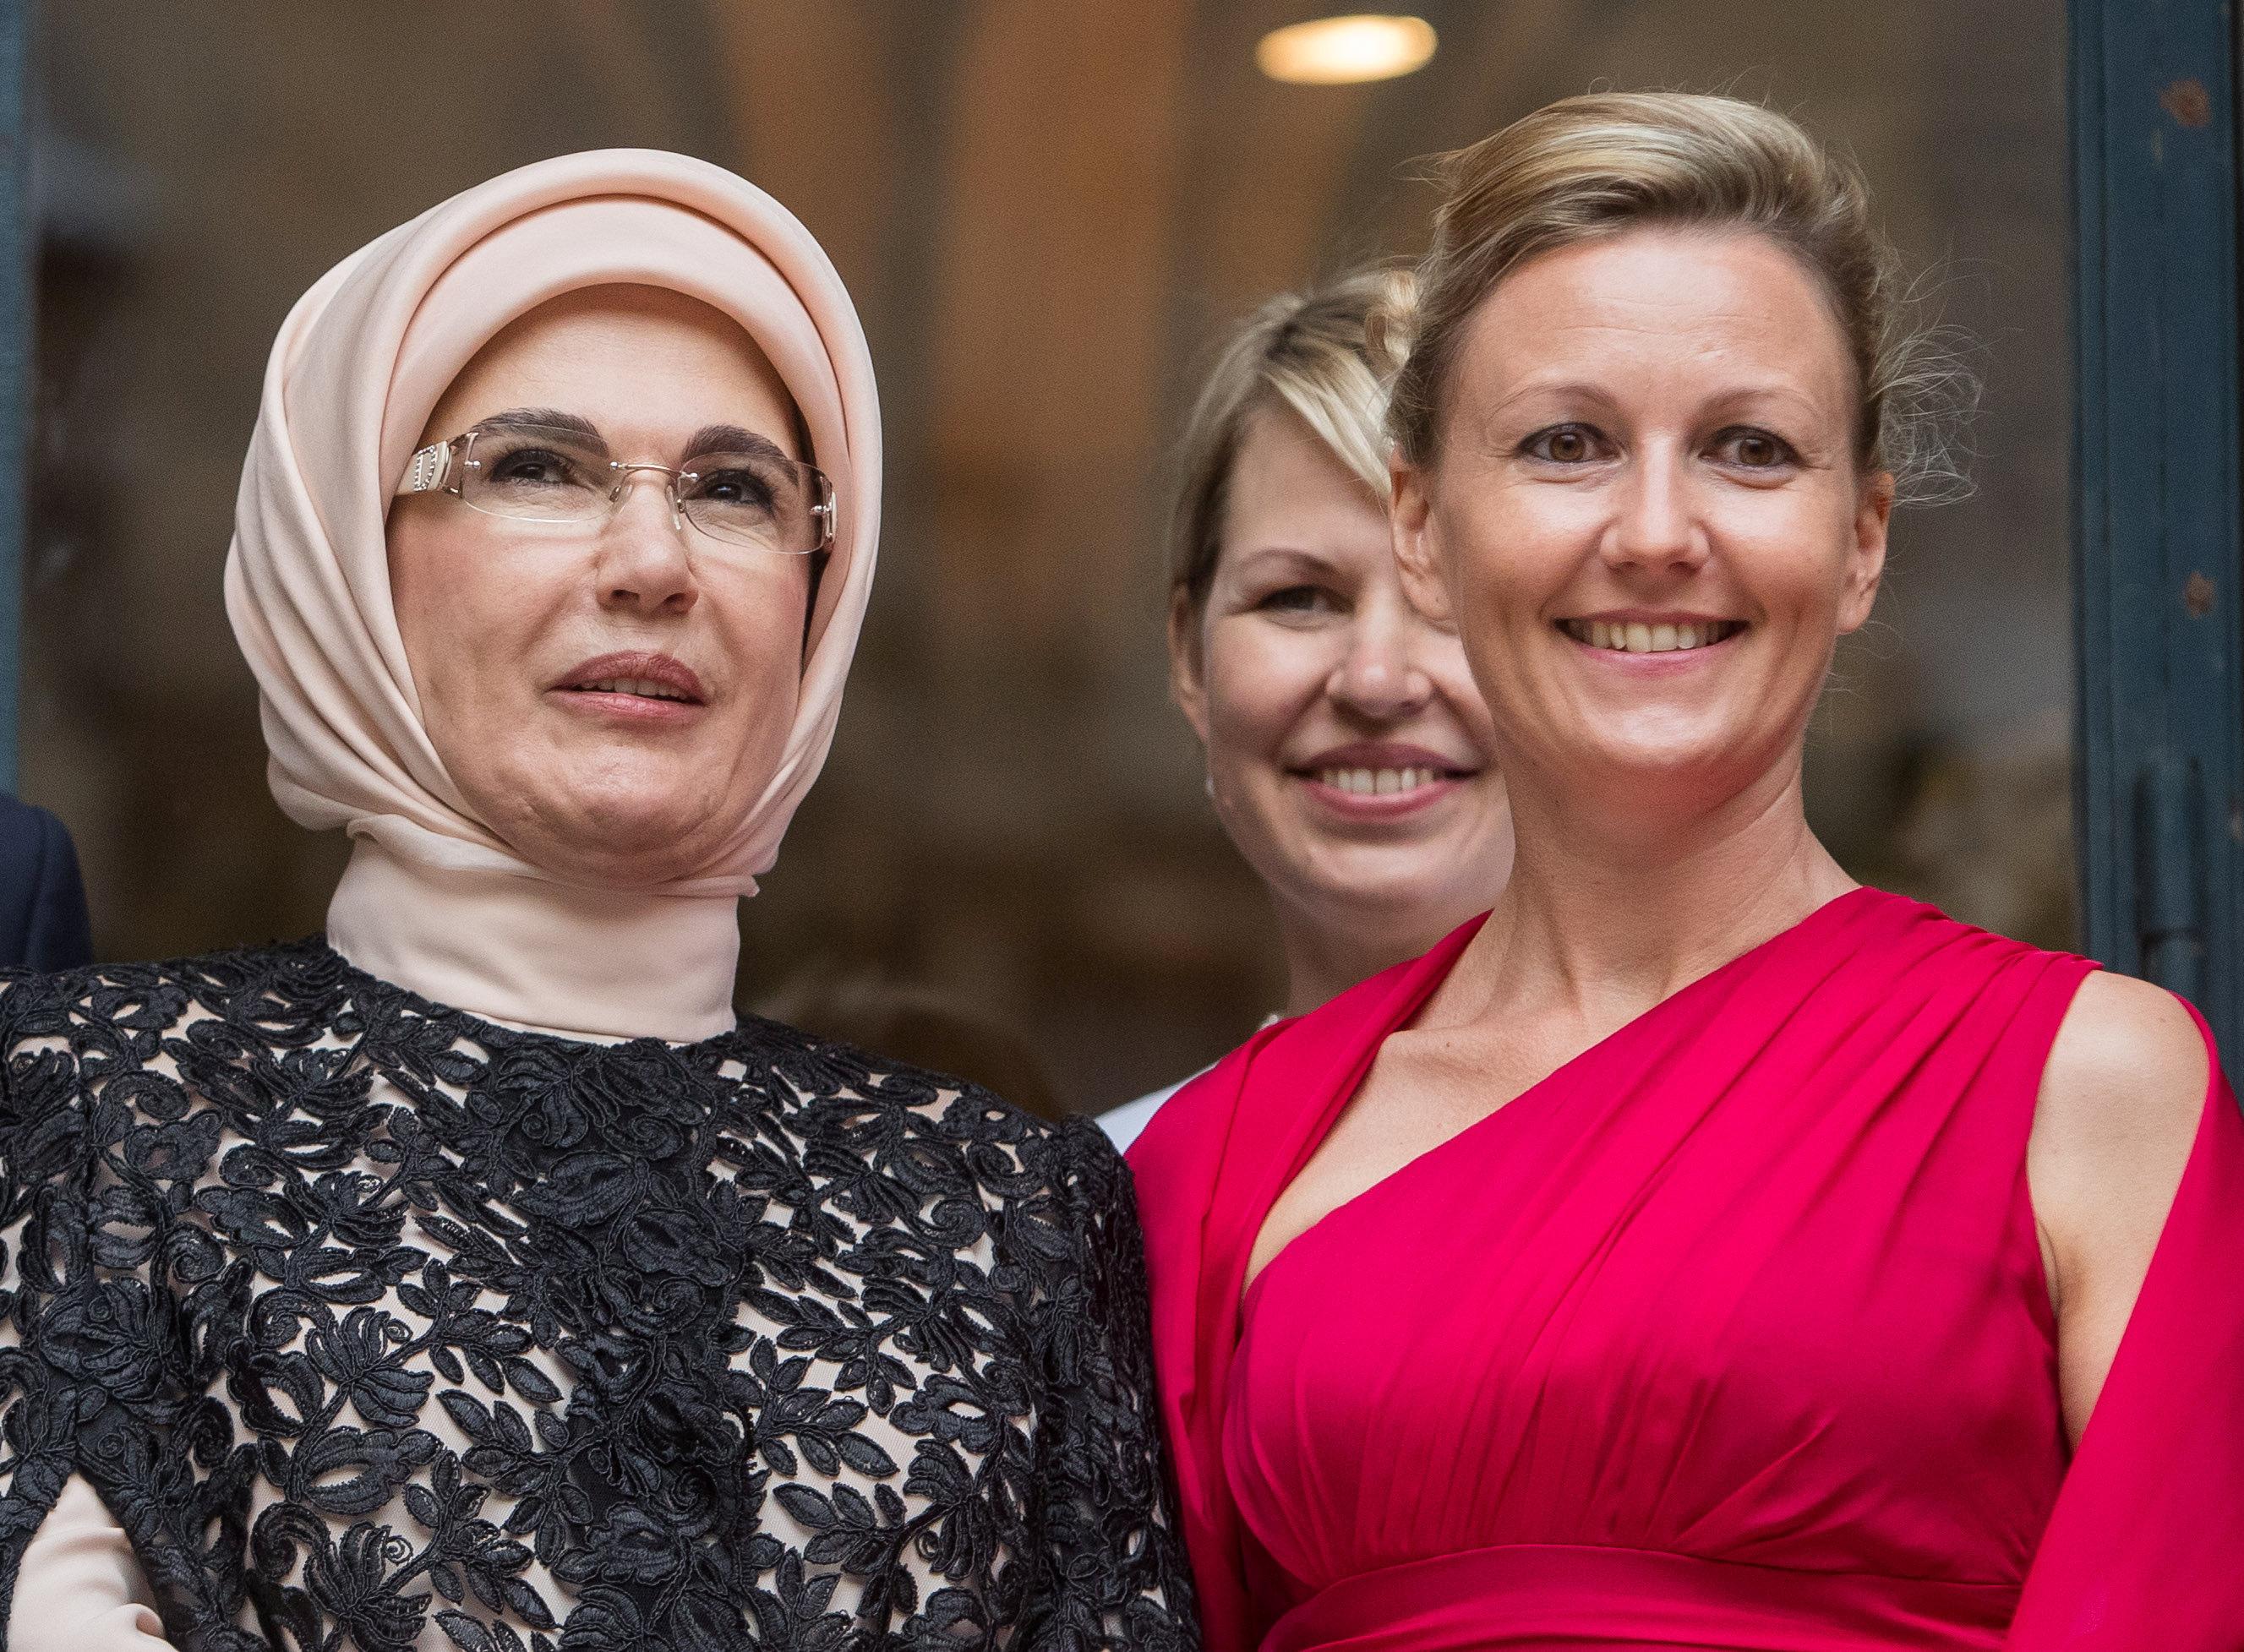 زوجة وزراء إستونيا كارين راتاس مع زوجة أردوغان